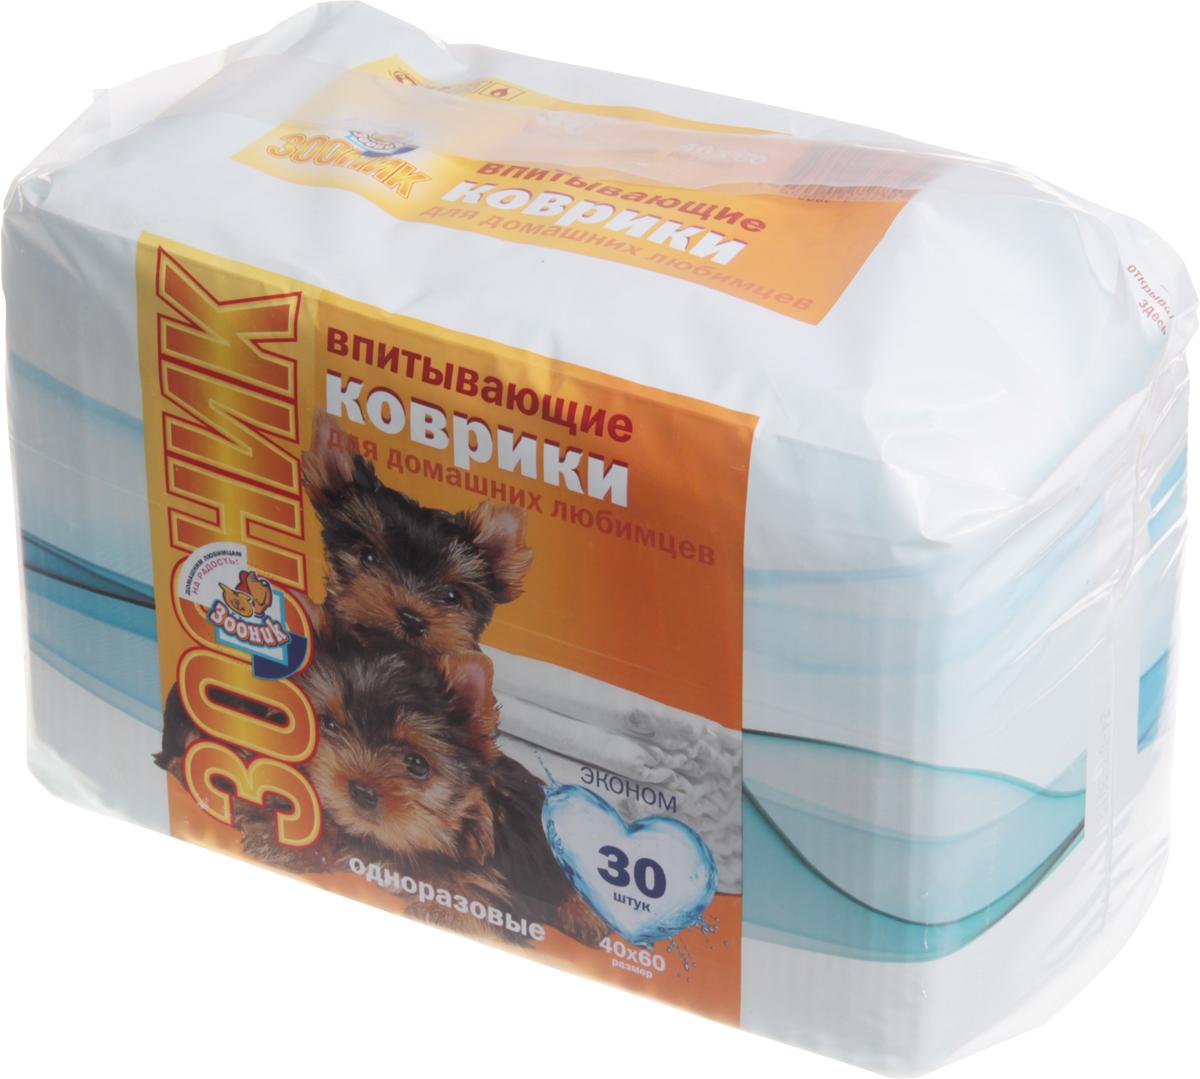 Коврики впитывающие Зооник, 40 х 60 см, 30 шт3006Коврики впитывающие Зооник предназначены для одноразового использования. Верхний слой изготовлен из мягкого нетканого гипоаллергенного материала, который отлично впитывает и удерживает влагу и поглощает запах. Коврики могут использоваться как для туалетных лотков, так и при транспортировке в переноске или автомобиле.Количество: 30 шт.